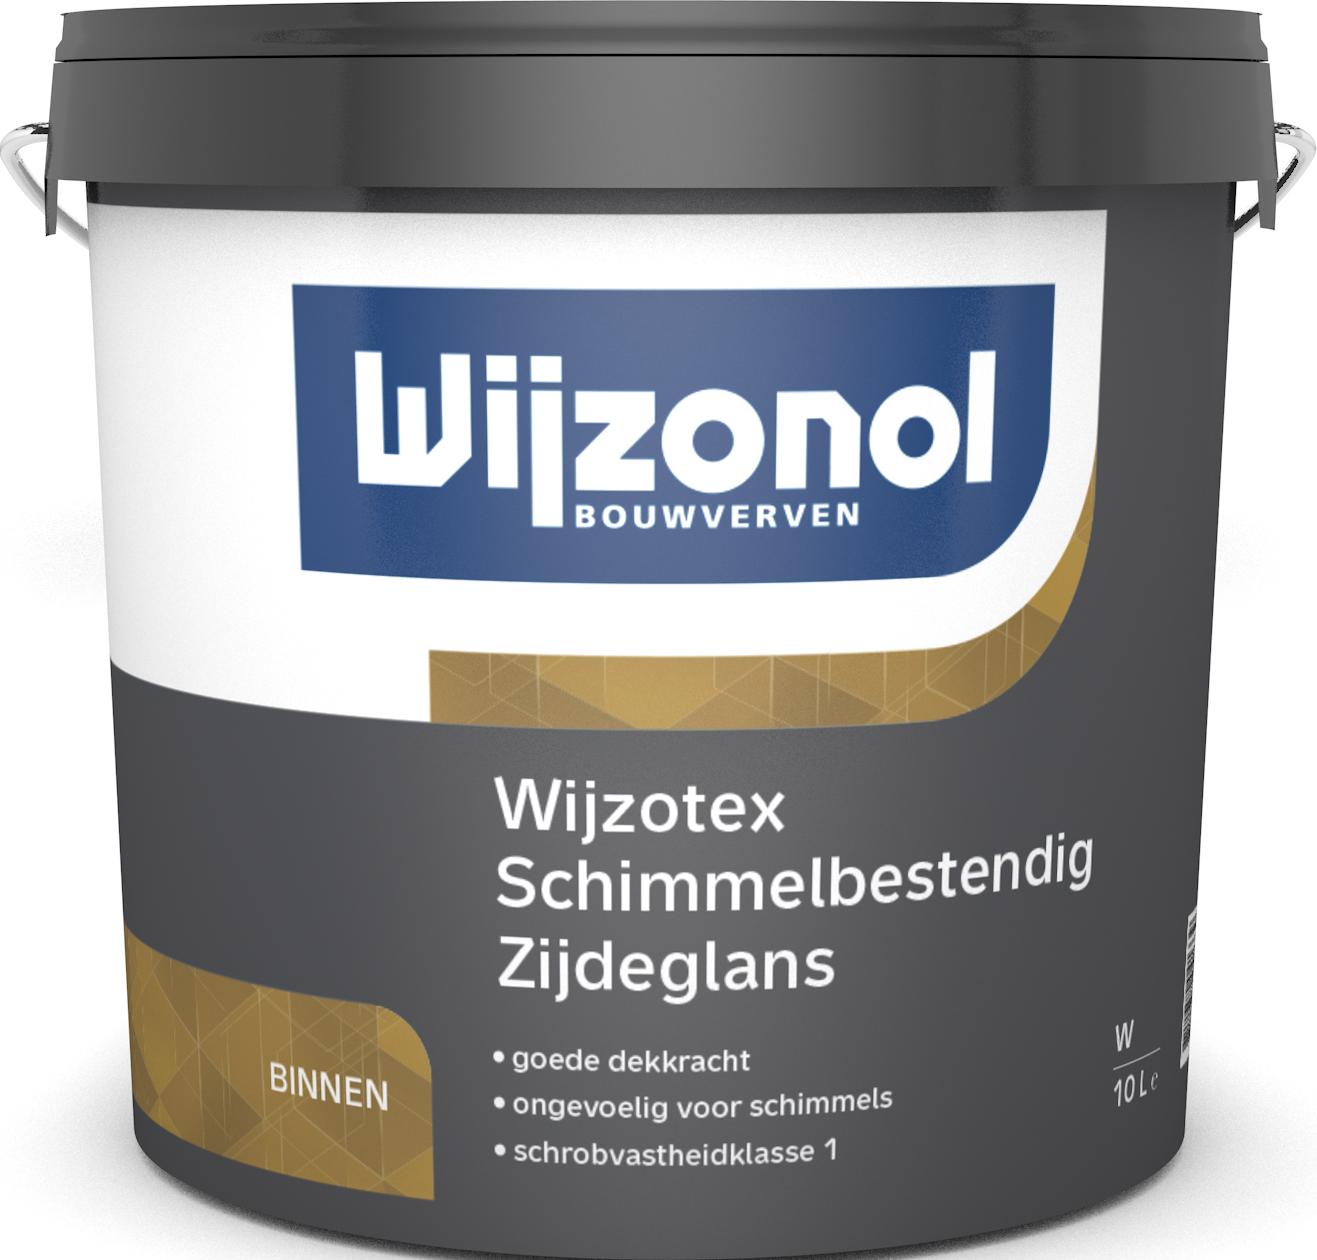 Wijzotex Schimmelbestendig Zijdeglans 10 Liter 100% Wit